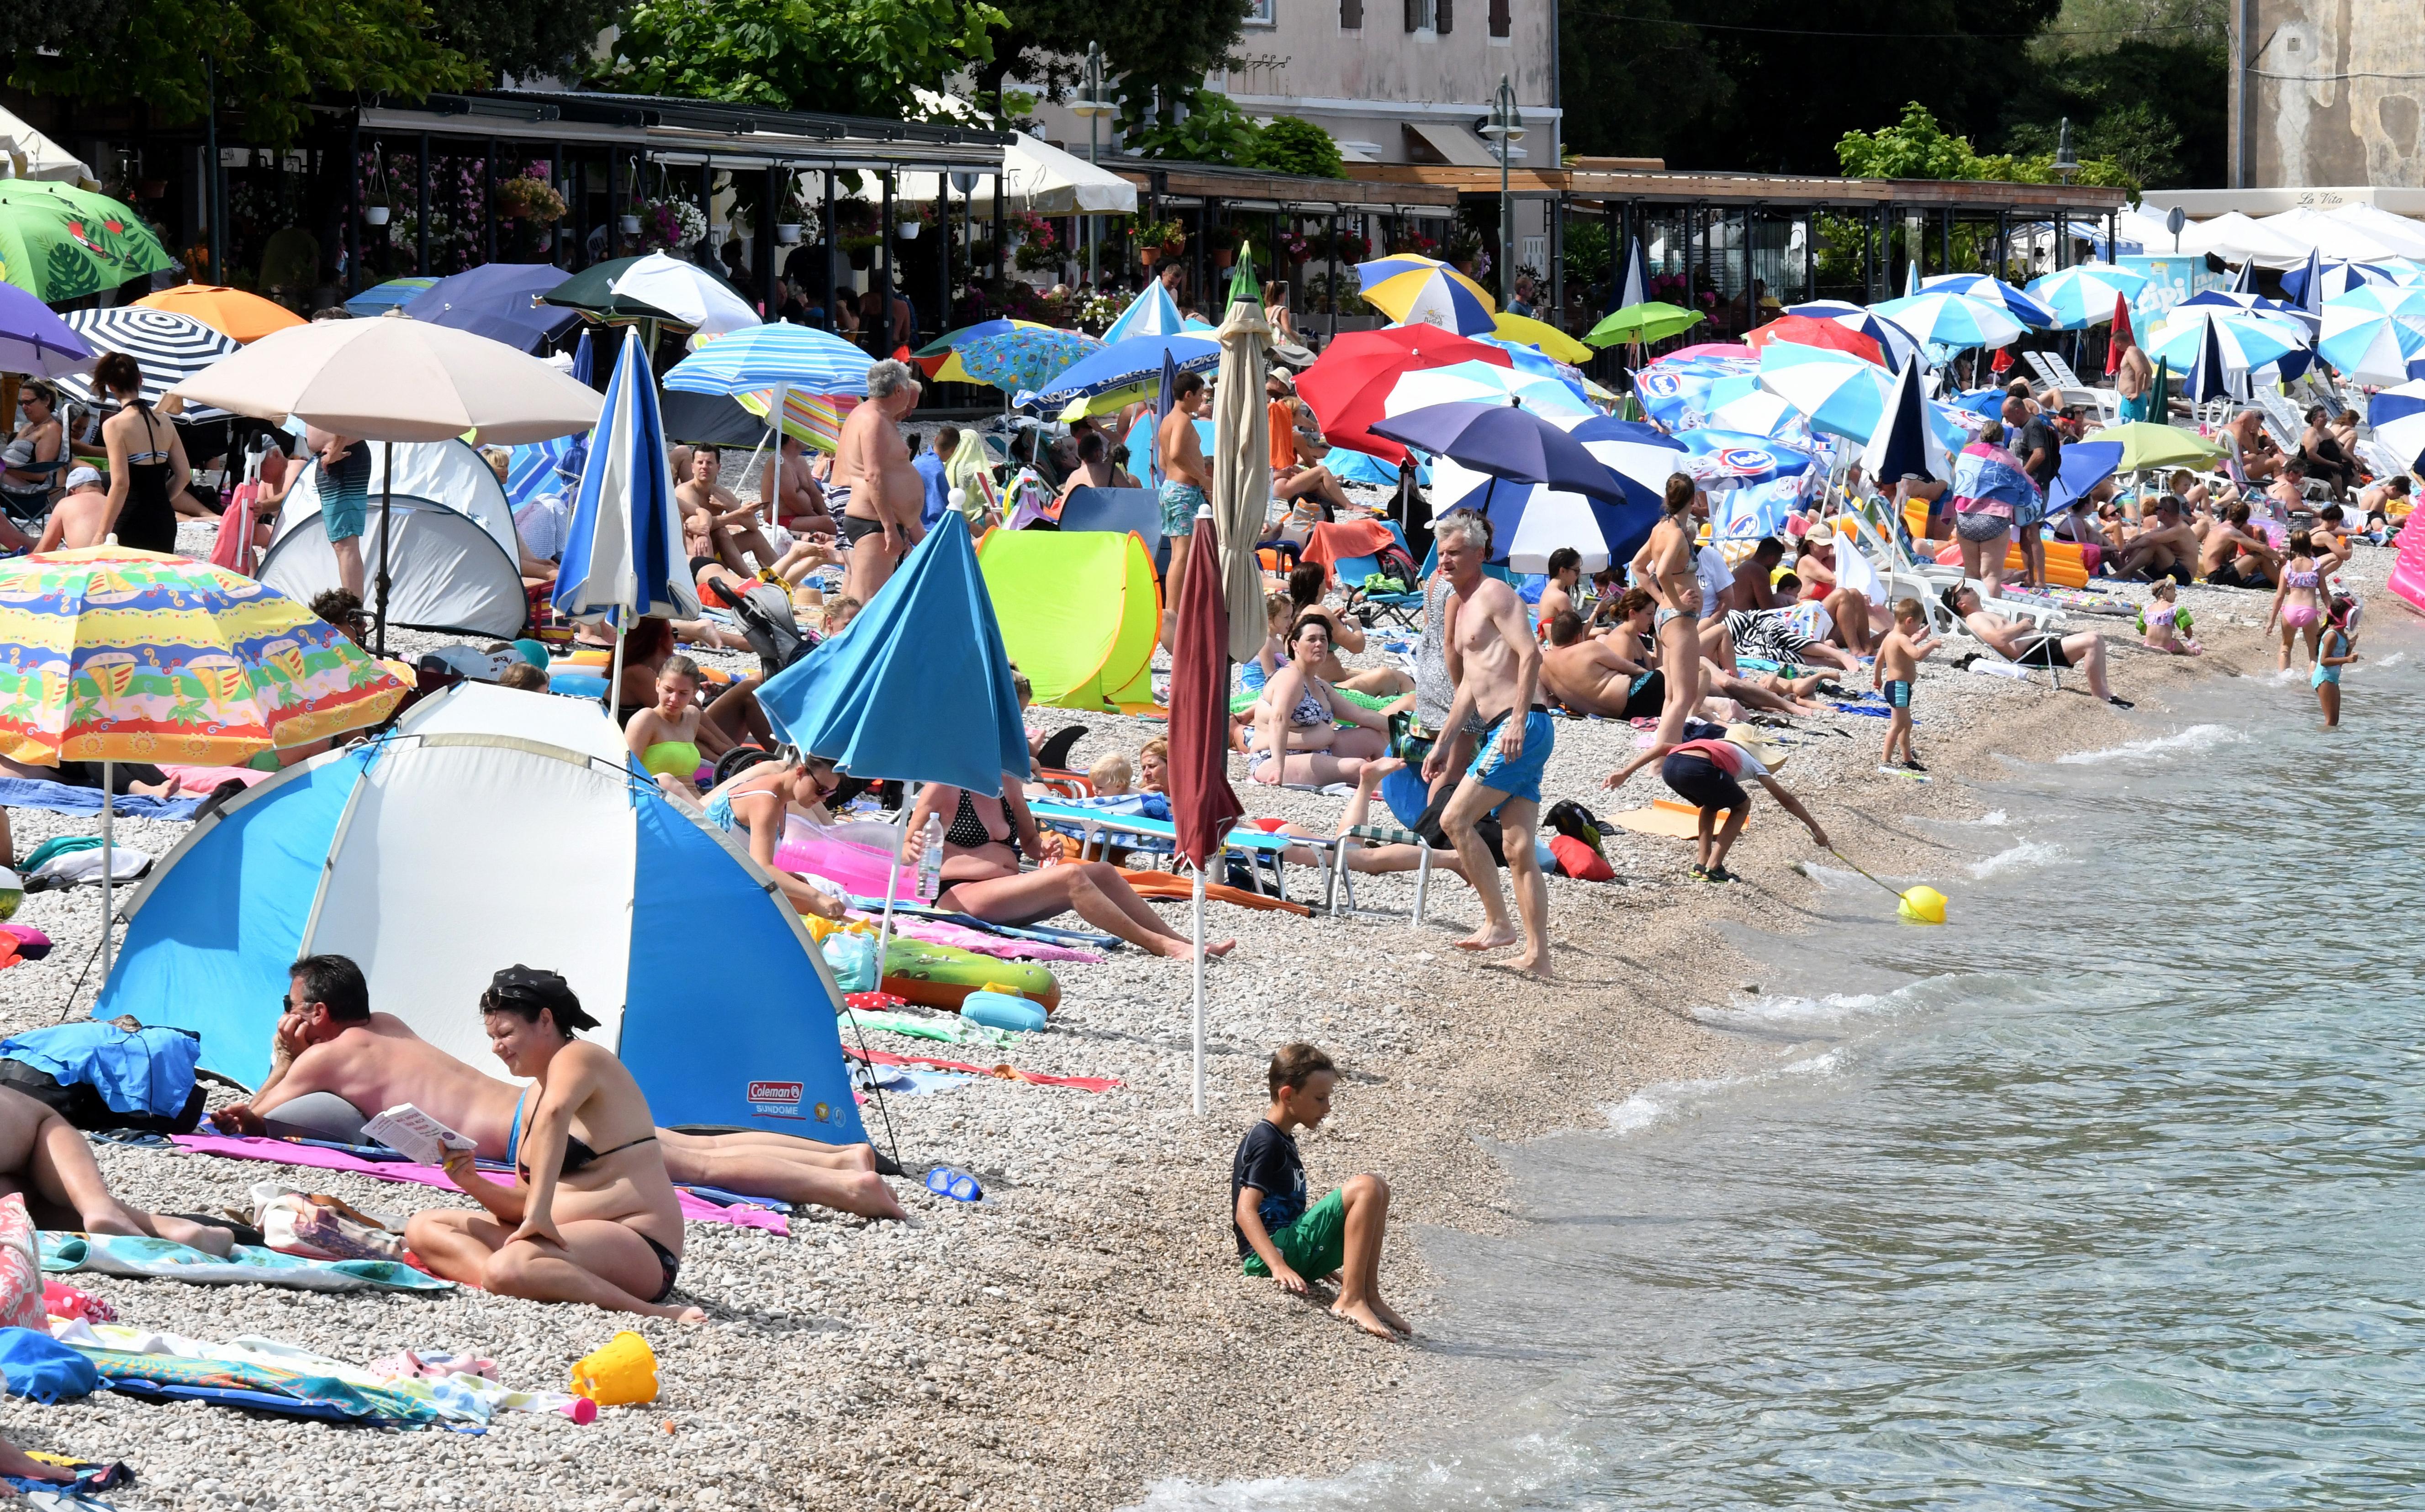 A Horvátországba utazáshoz most elég a személyi, nem kell a védettségi igazolvány